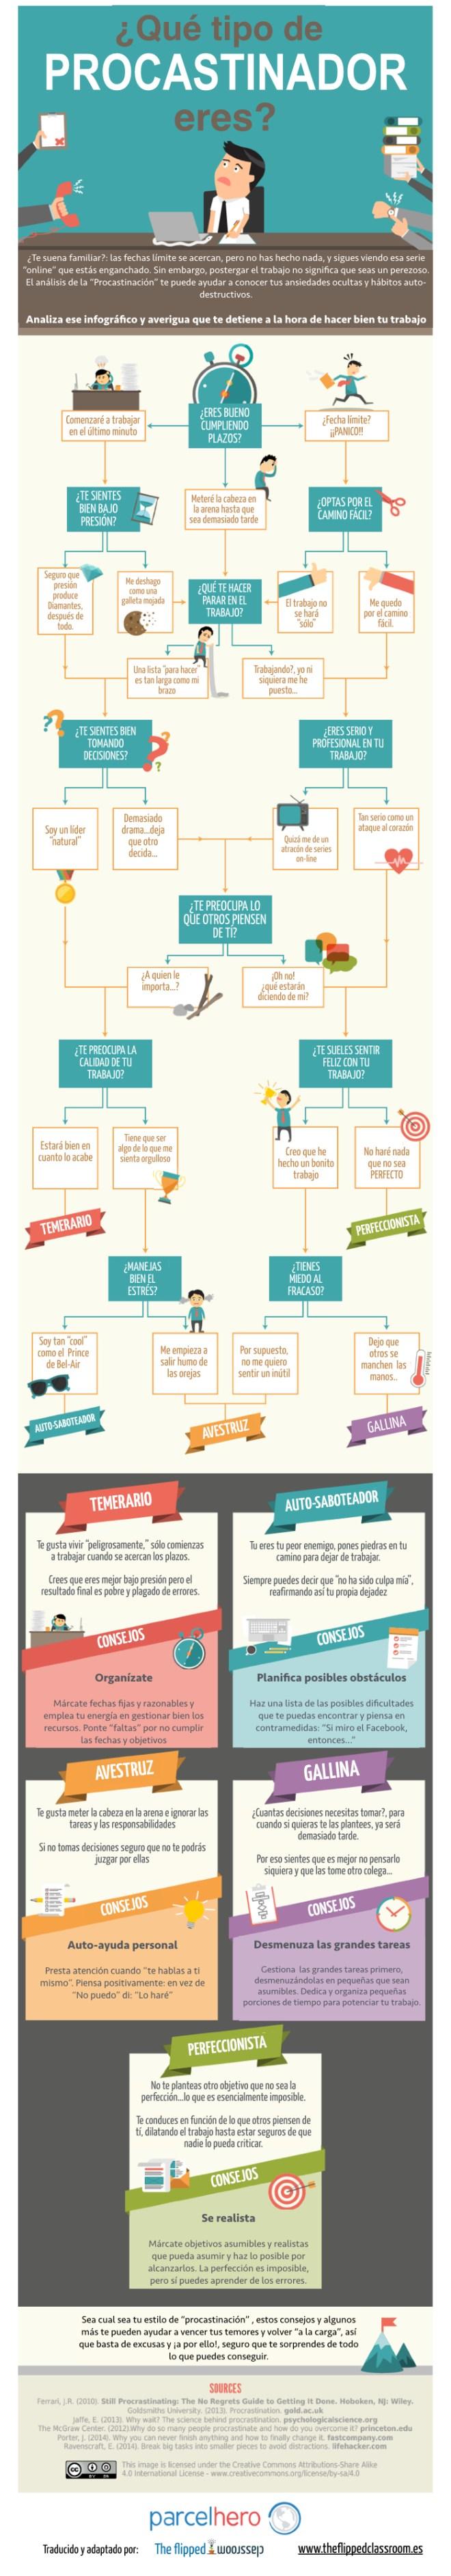 5 tipos de Procrastinador